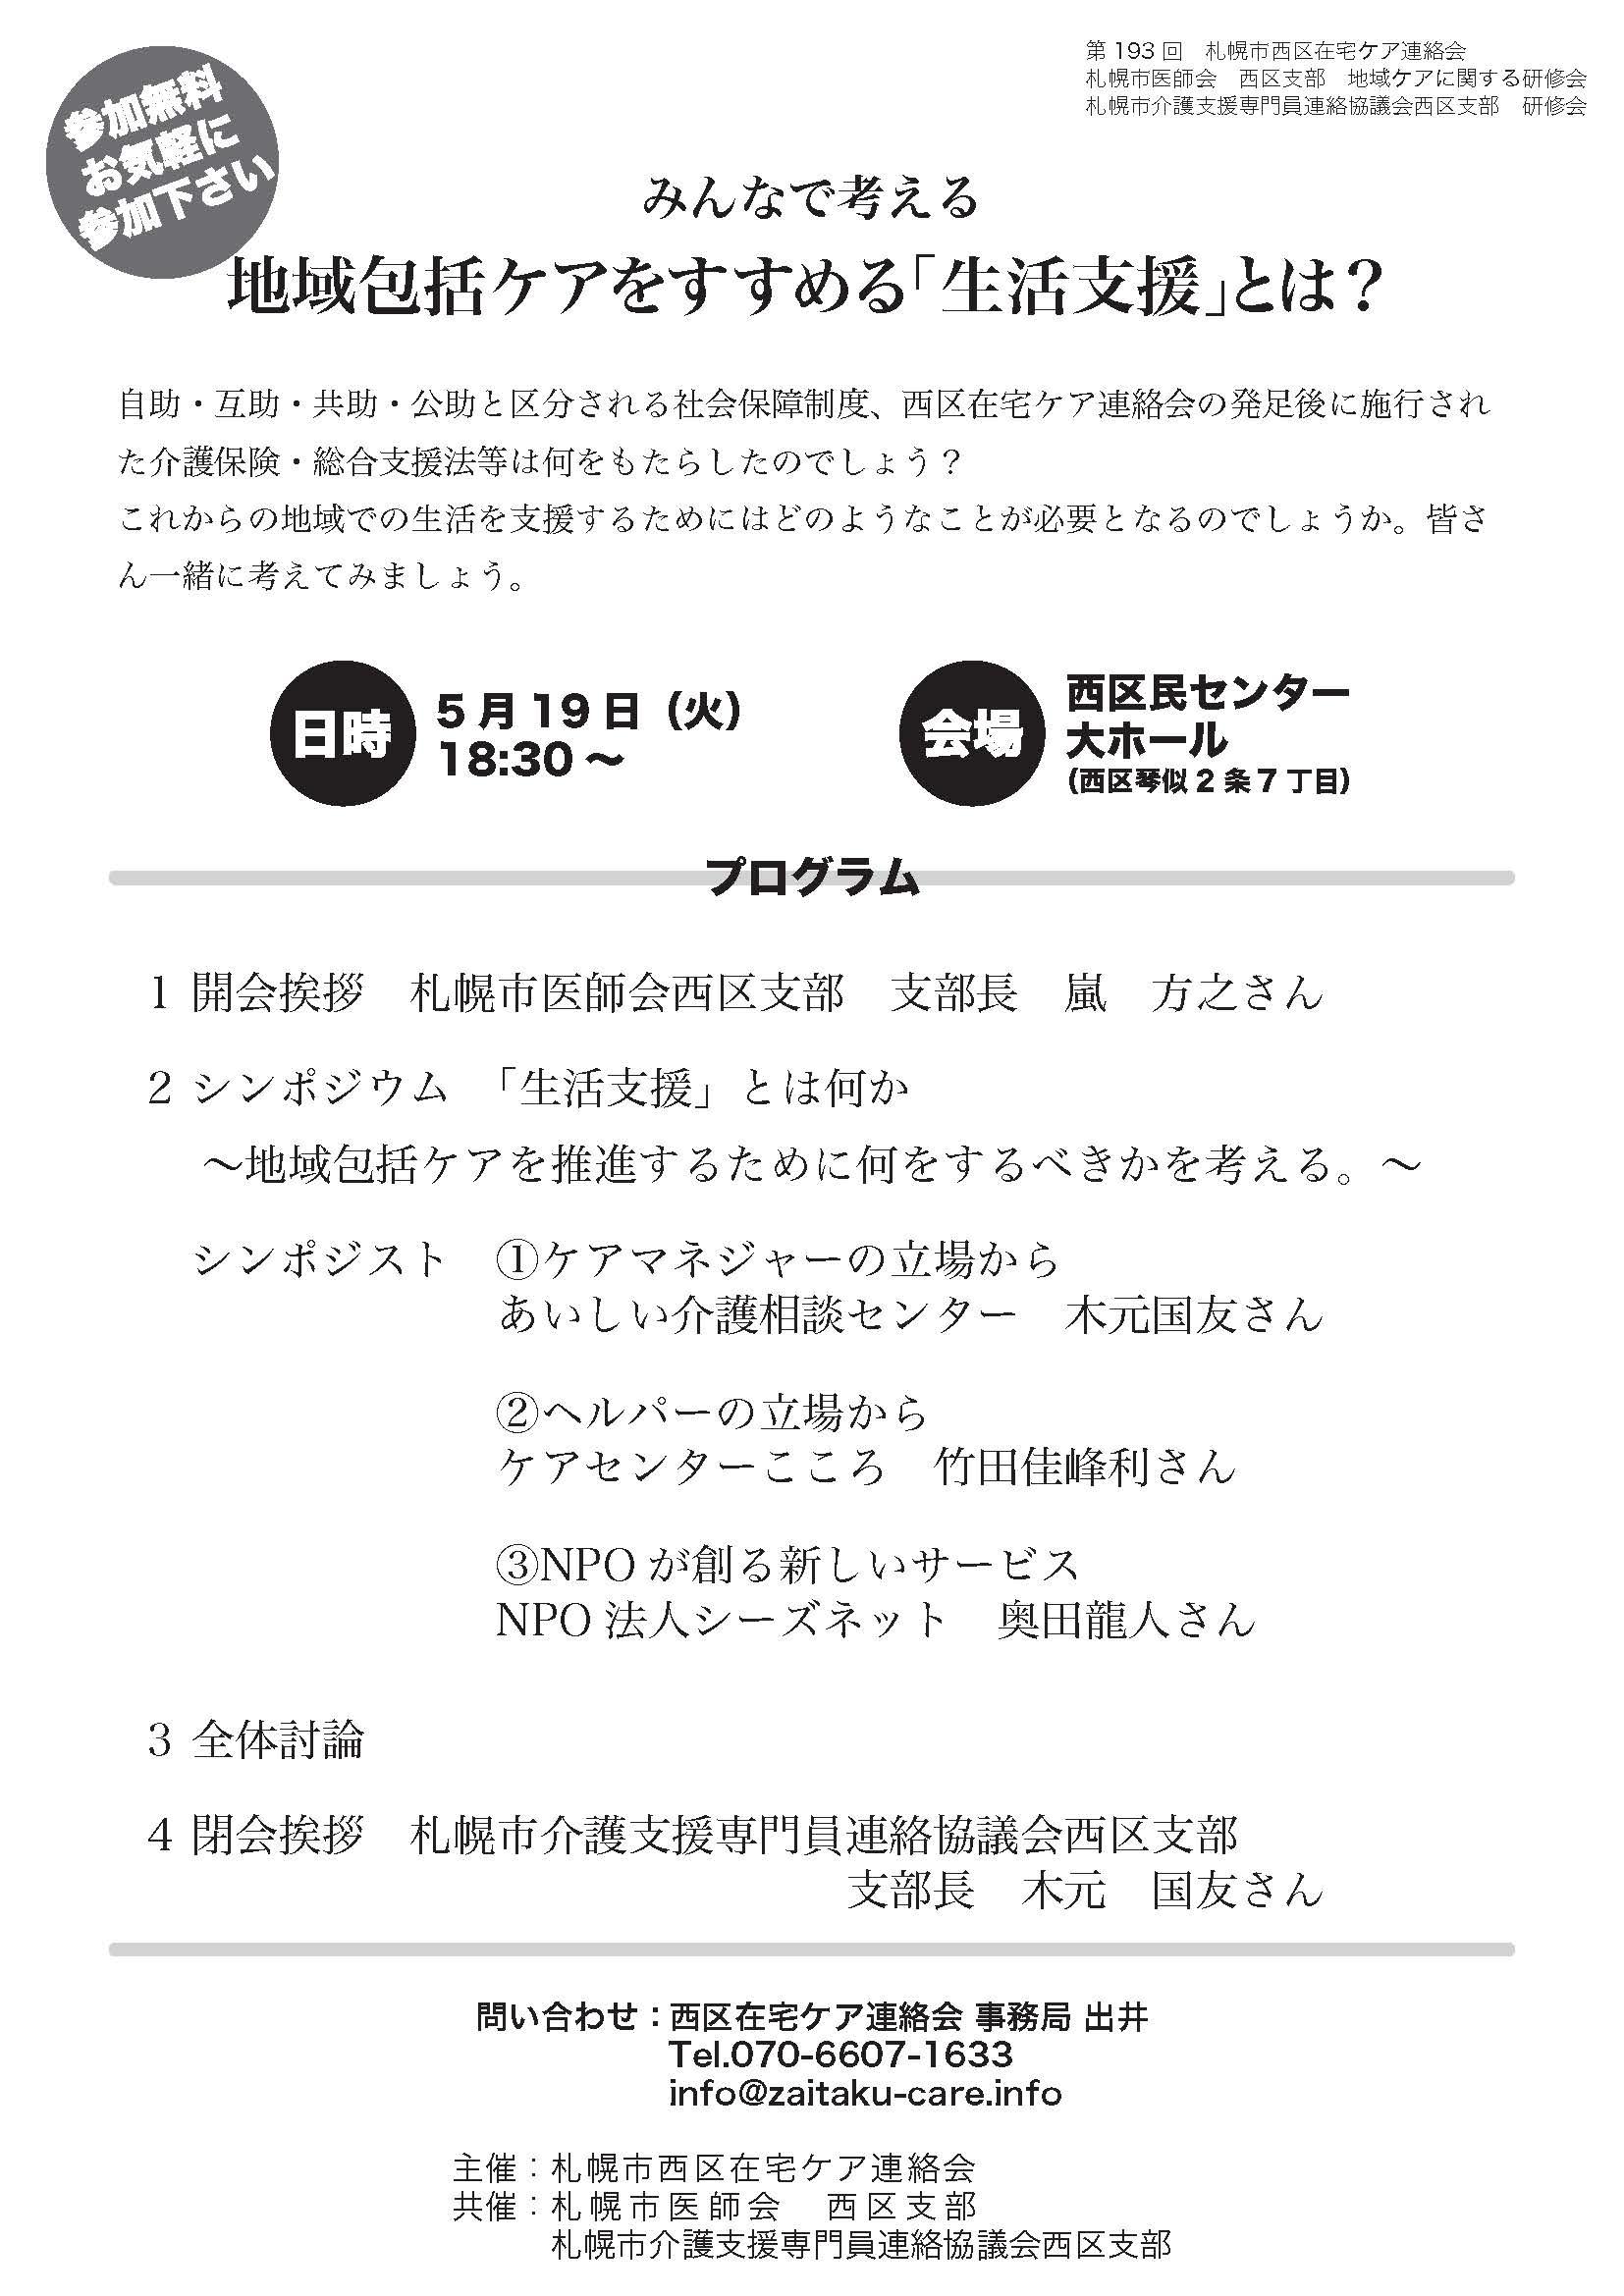 20150517ケア連絡会シンポジウム